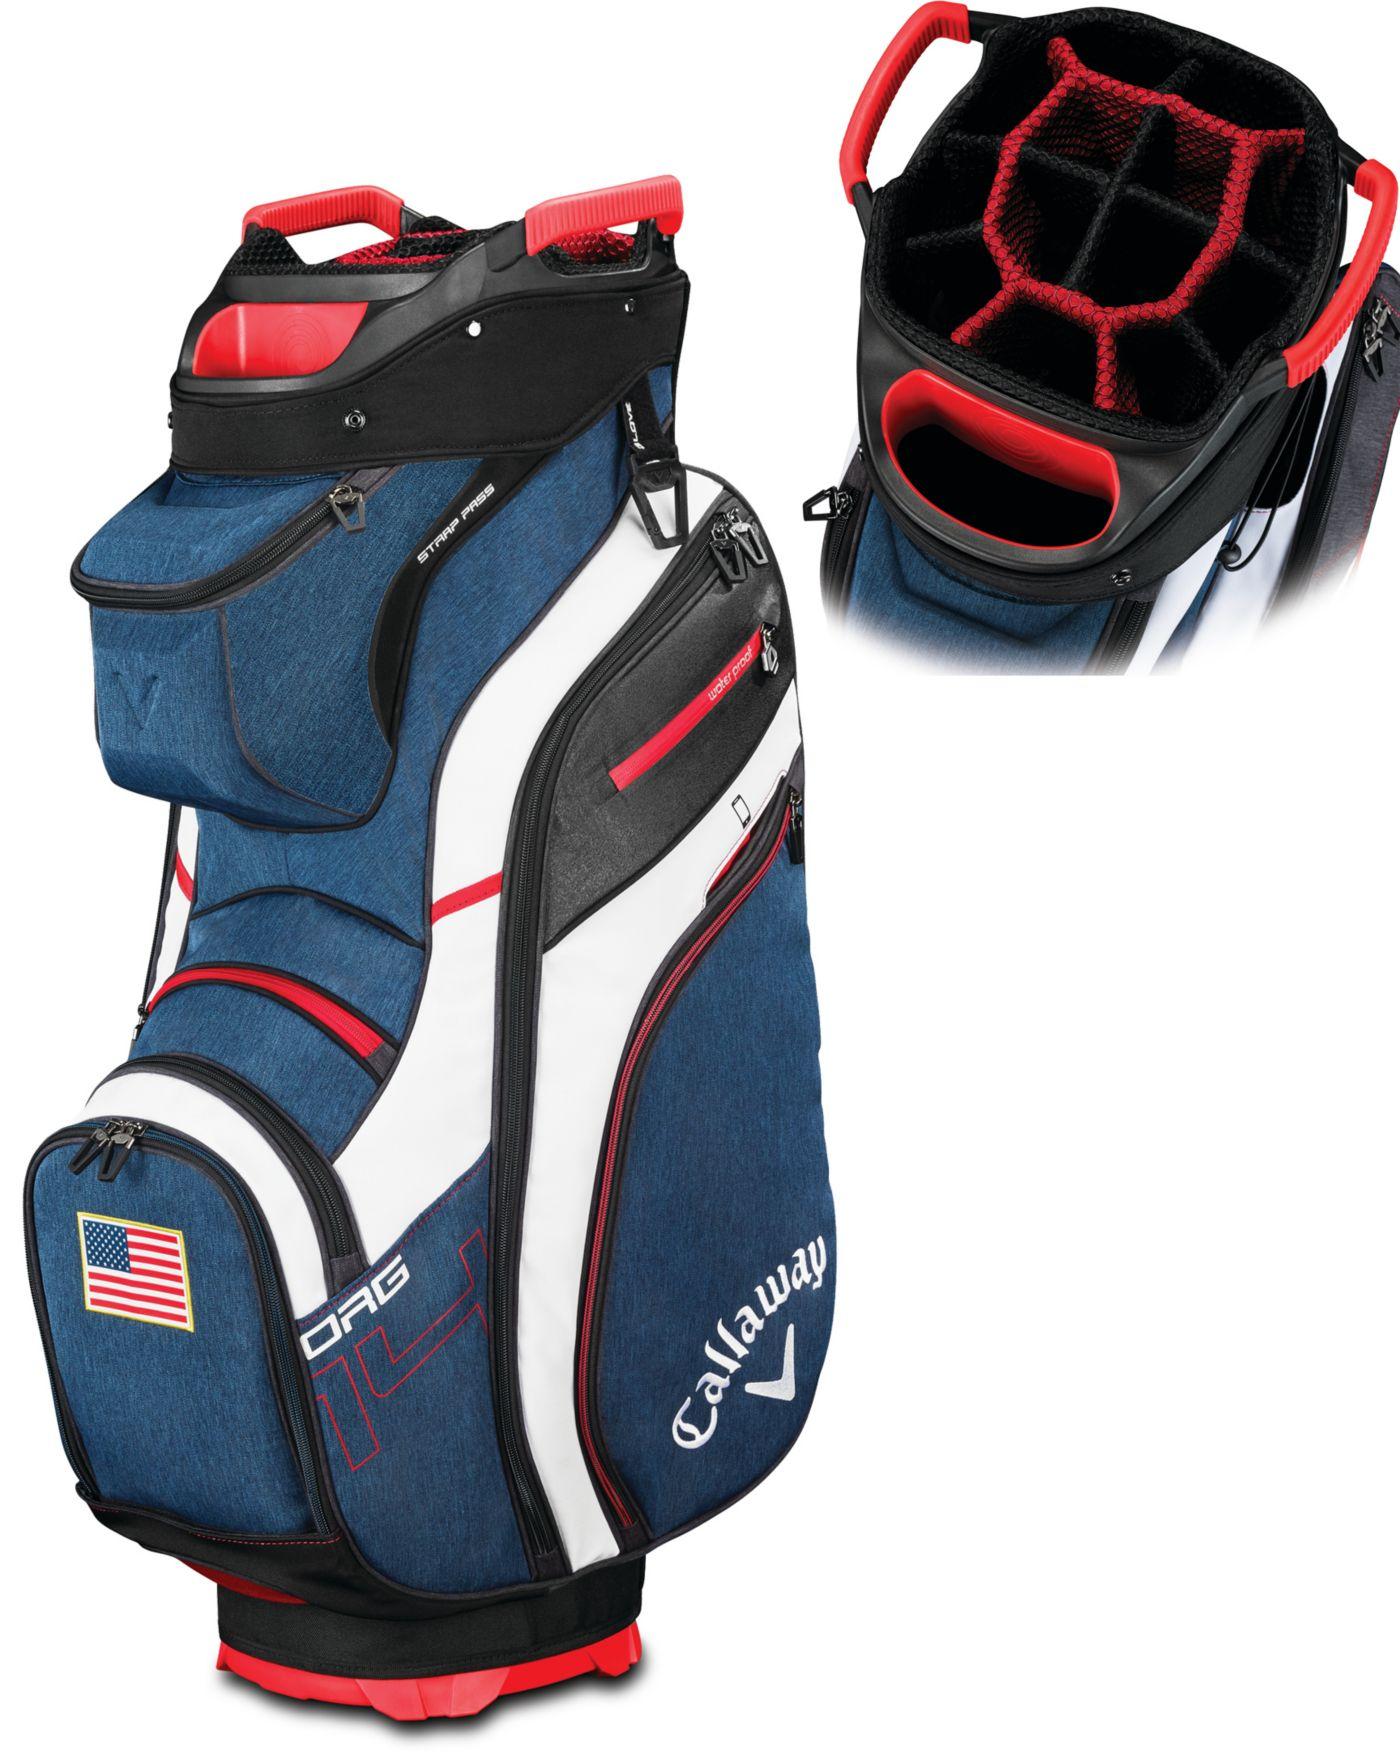 Callaway 2019 Org 14 Cart Bag